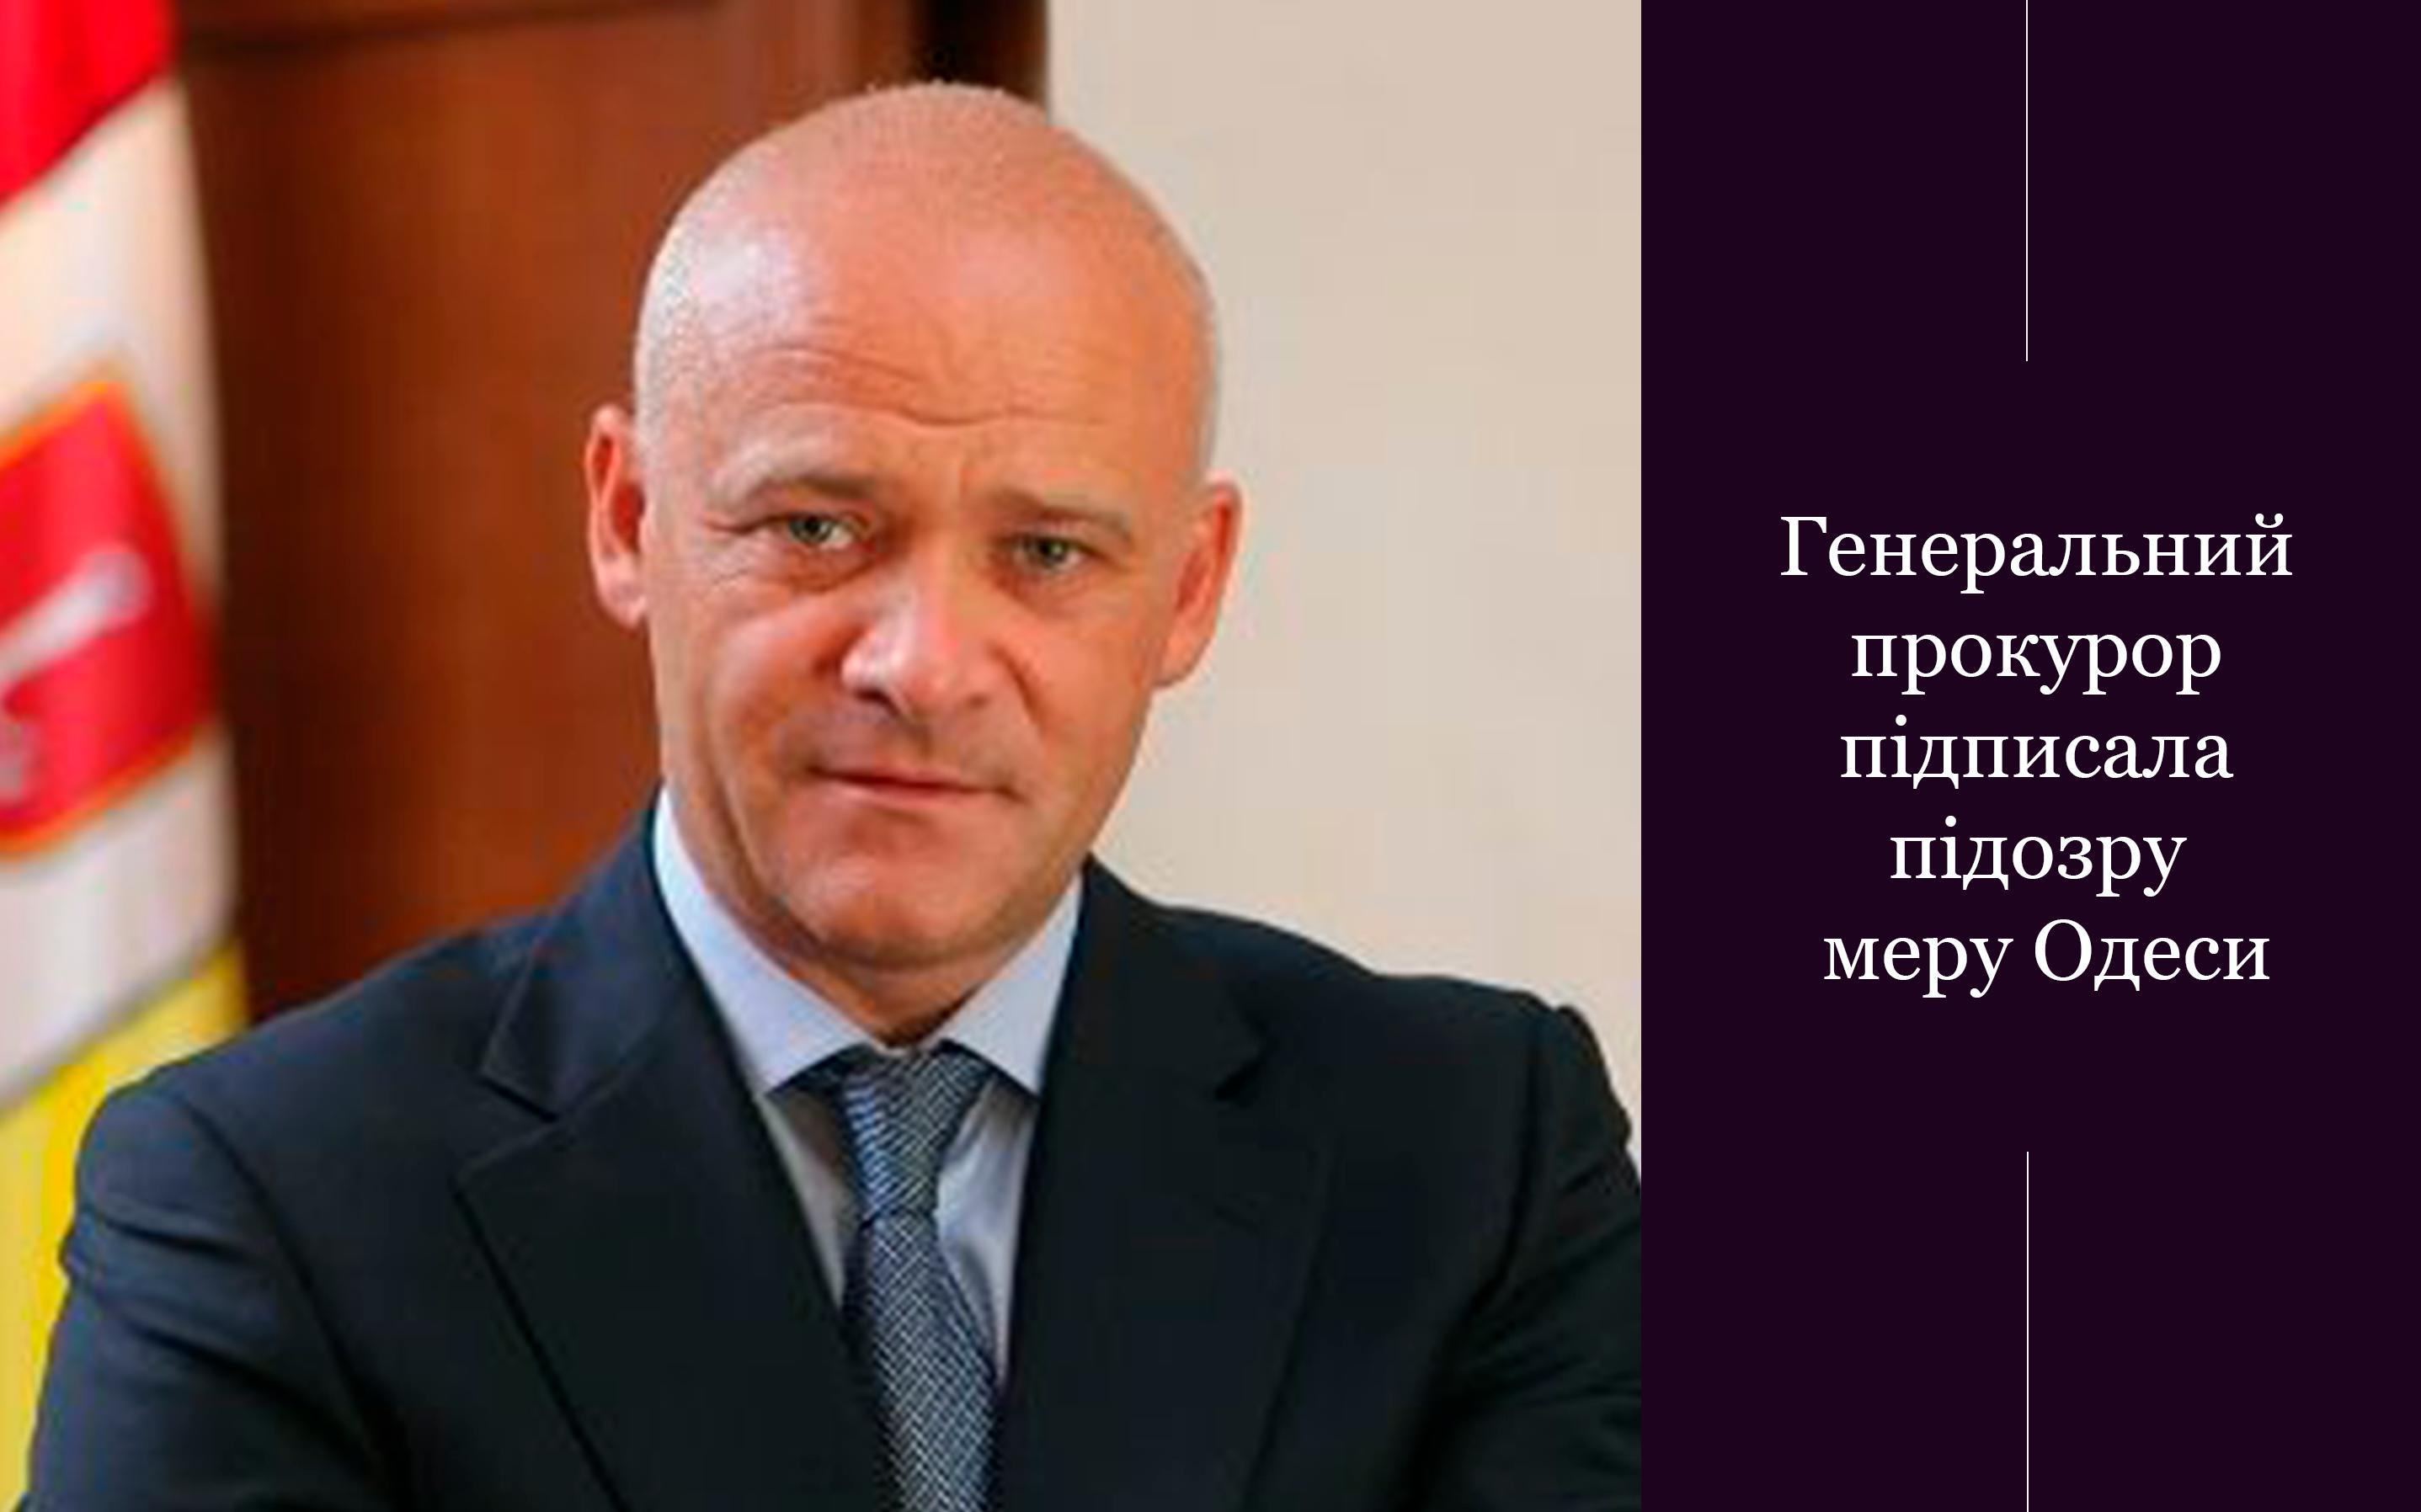 Генеральний прокурор підписала підозру меру Одеси